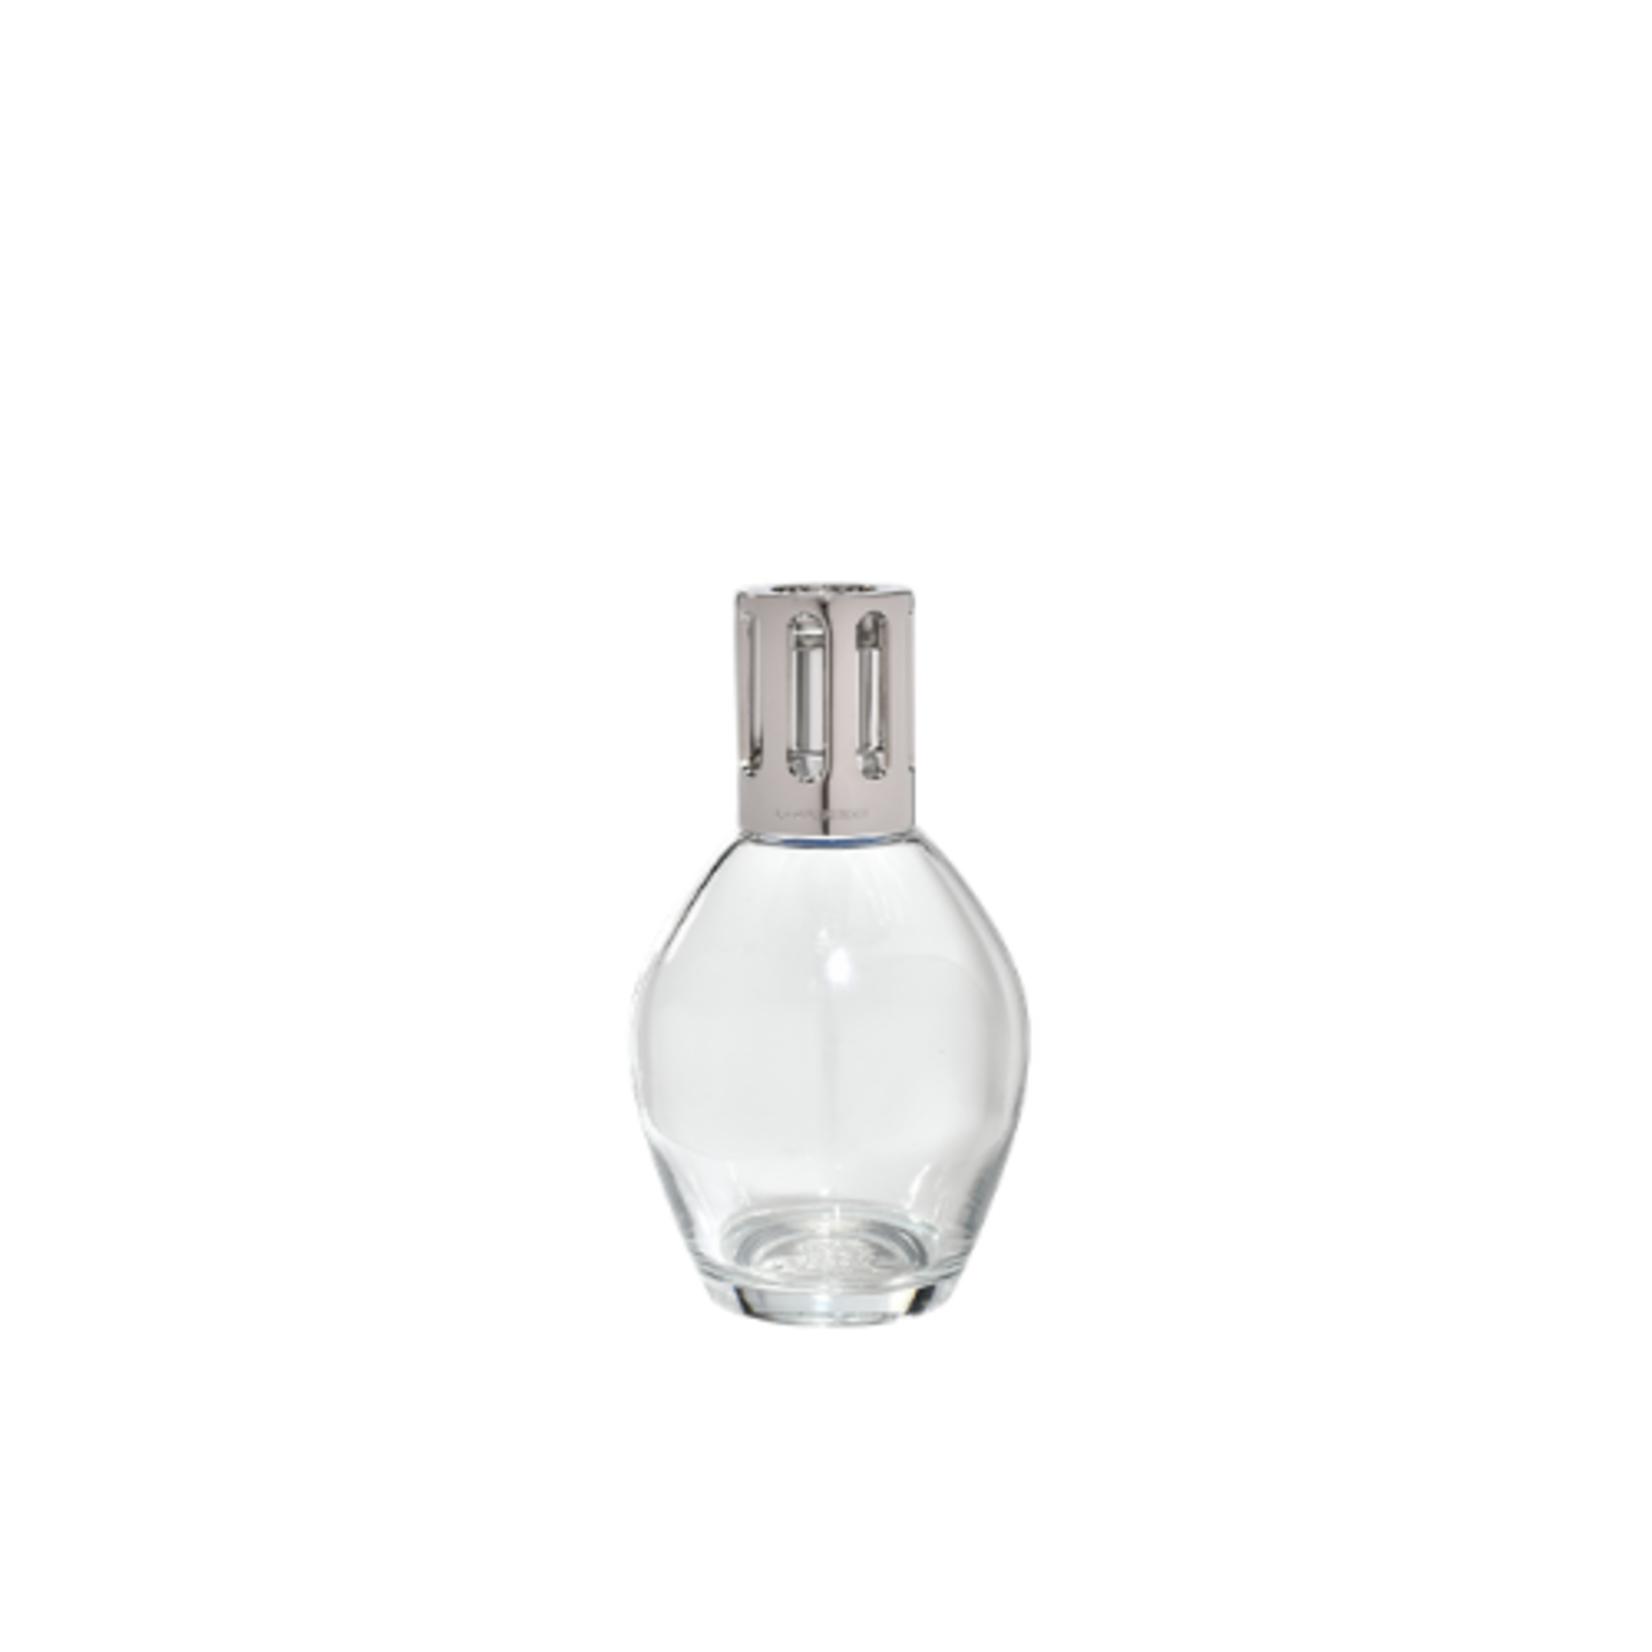 Lampe Berger Lampe Berger Ovale fles met lont